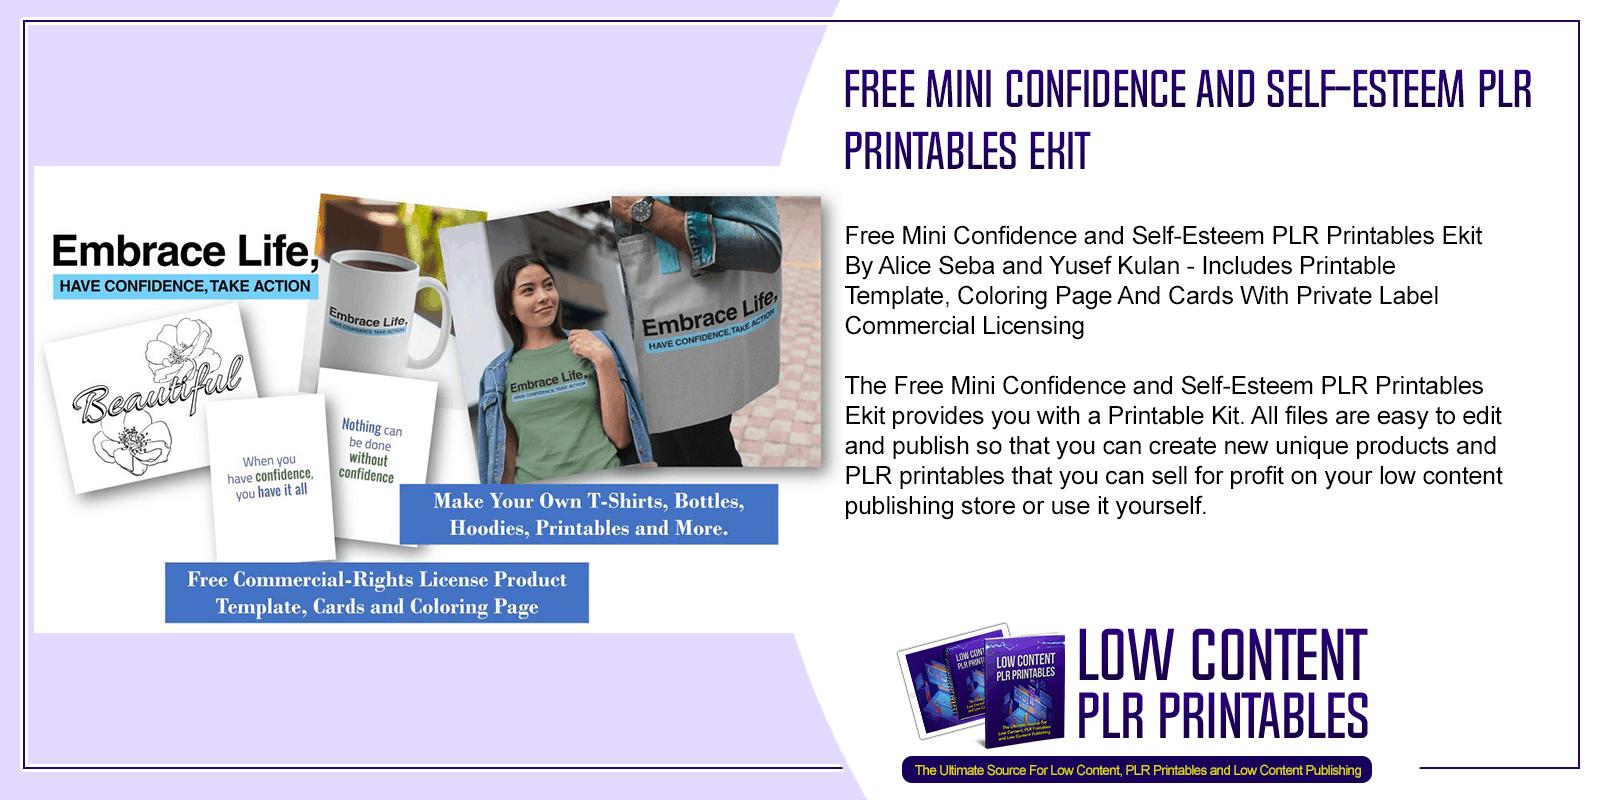 Free Mini Confidence and Self Esteem PLR Printables Ekit